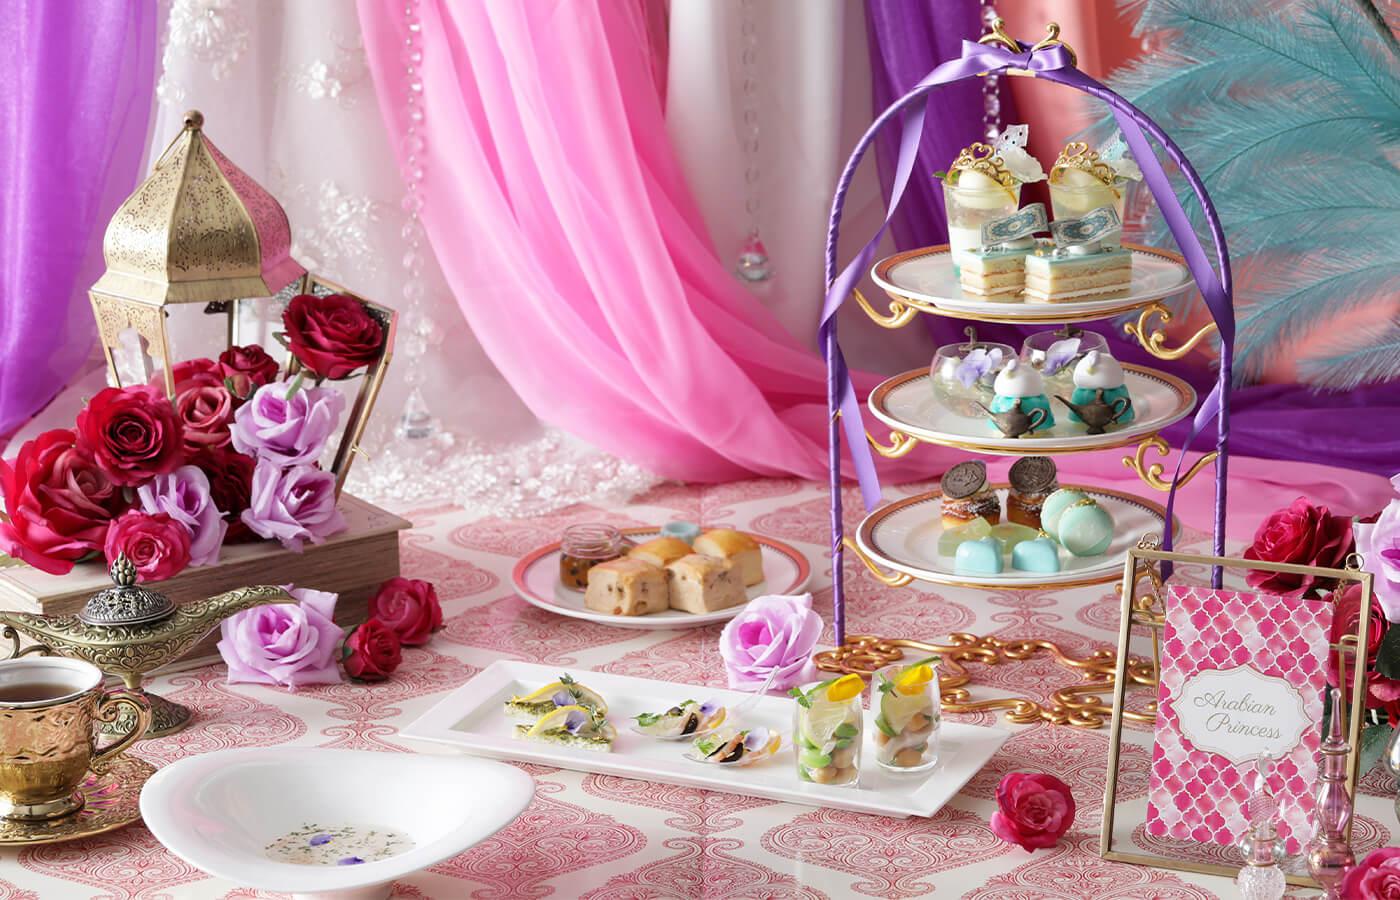 「アラジンと魔法のような恋」がテーマのアフタヌーンティー!魔法のランプや絨毯が夏スイーツに